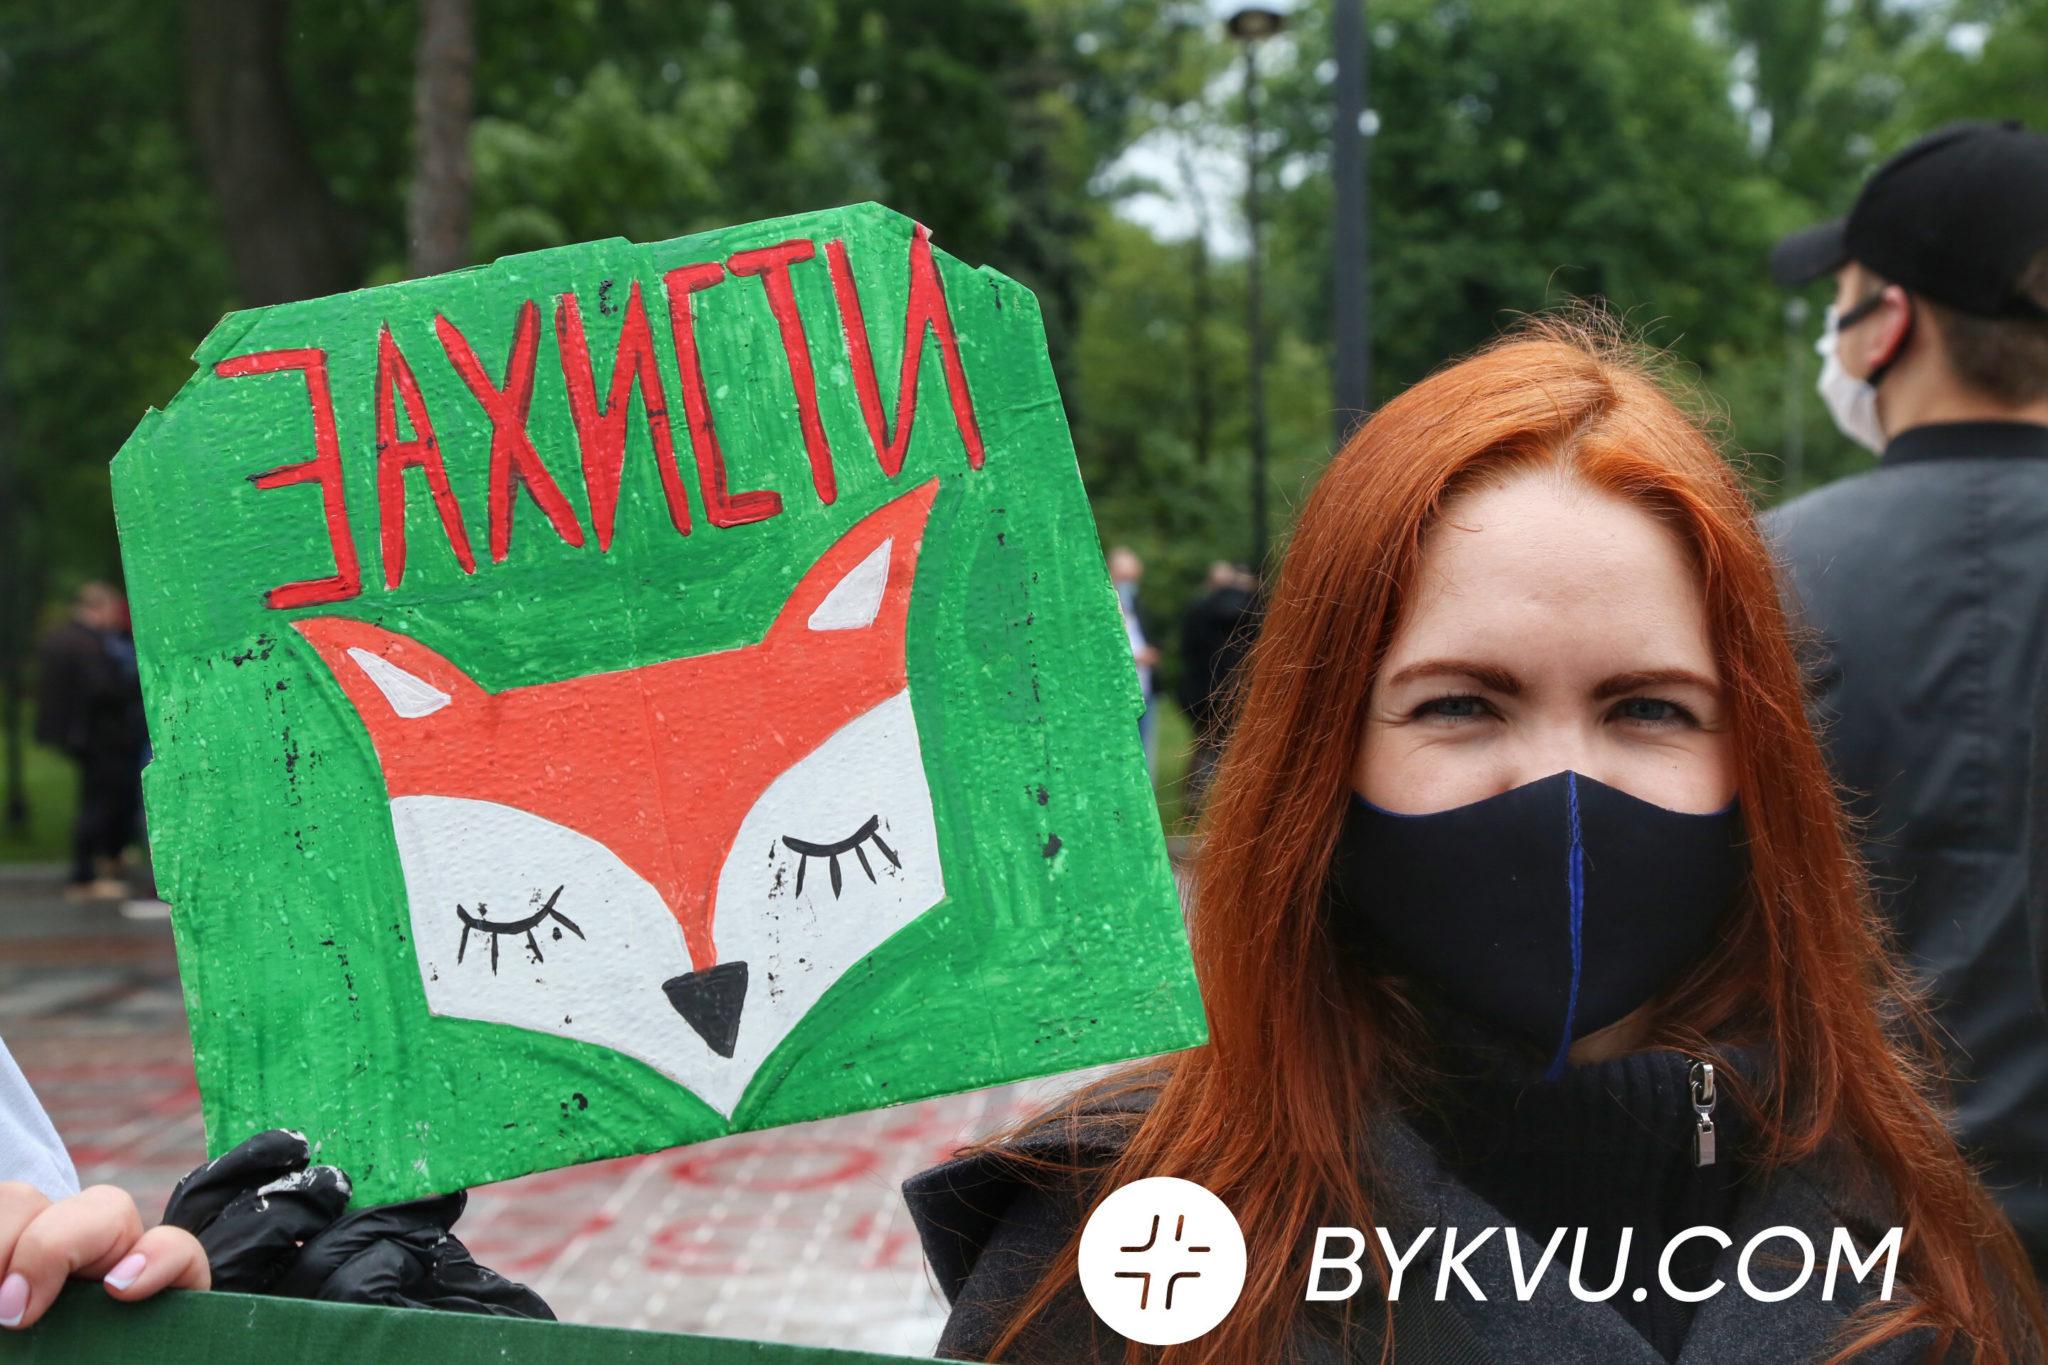 акция в поддержку запрета производства меха